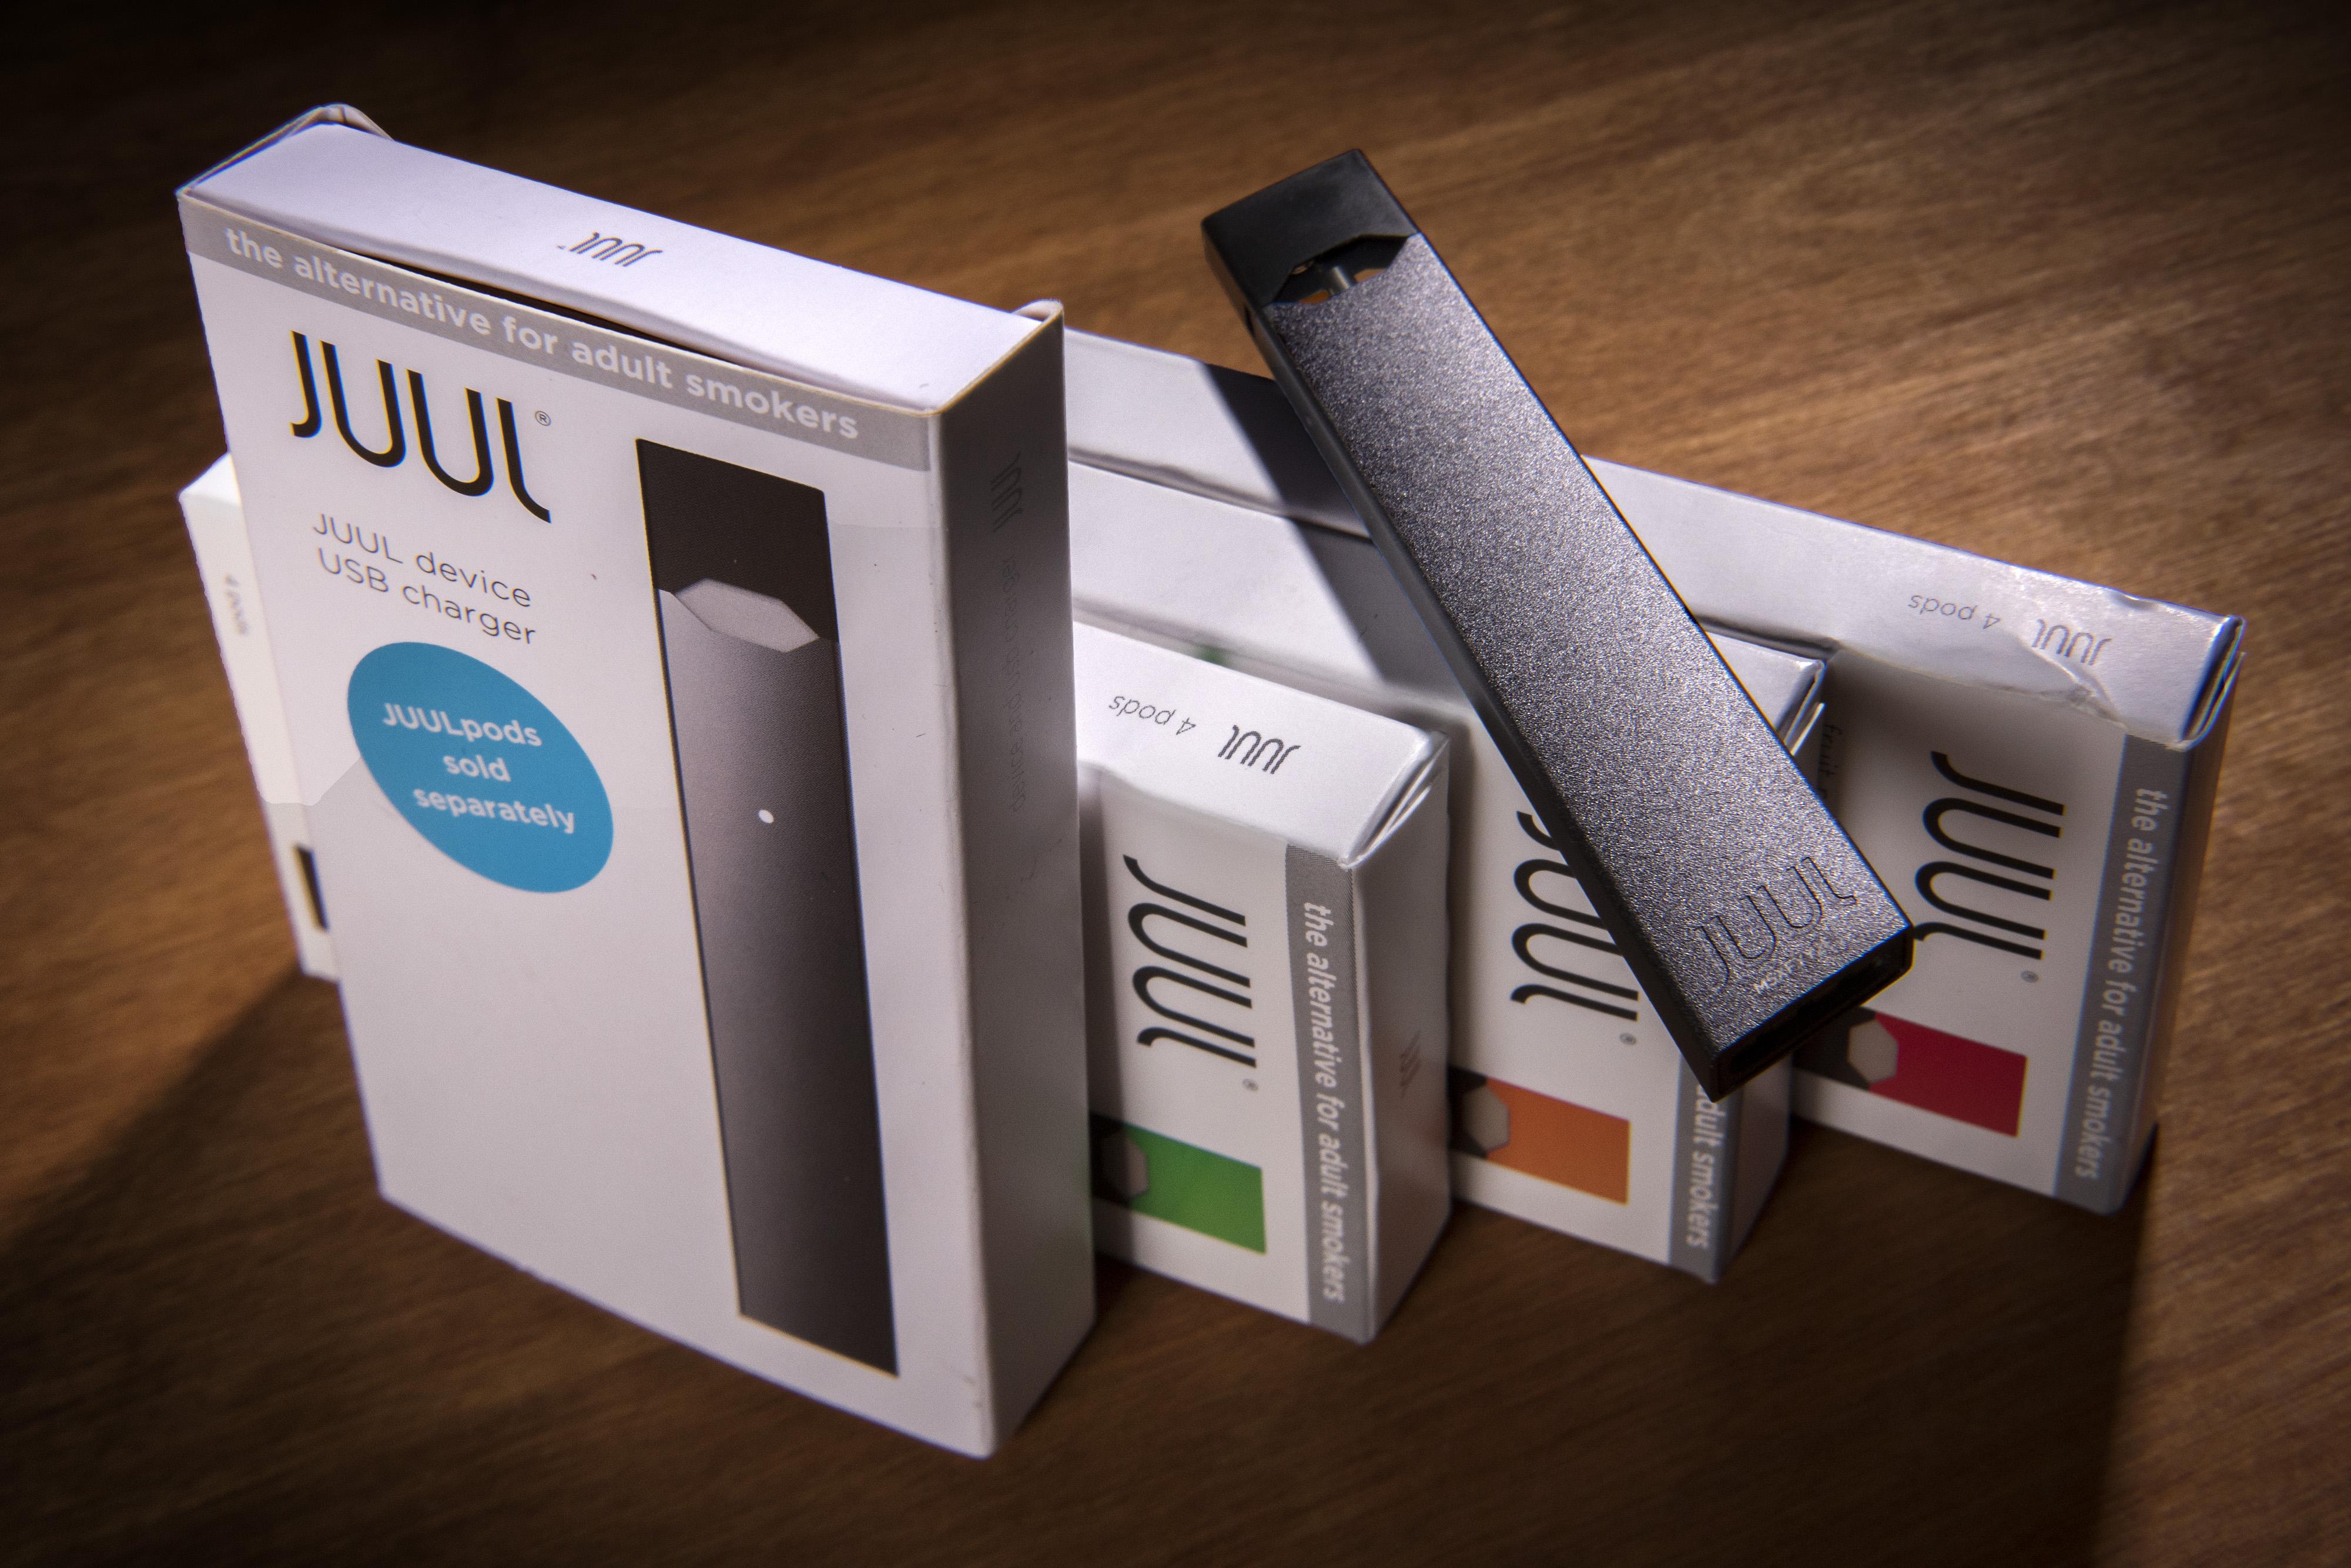 E-Cigarette Maker Juul Is Said to Seek $1 2 Billion in